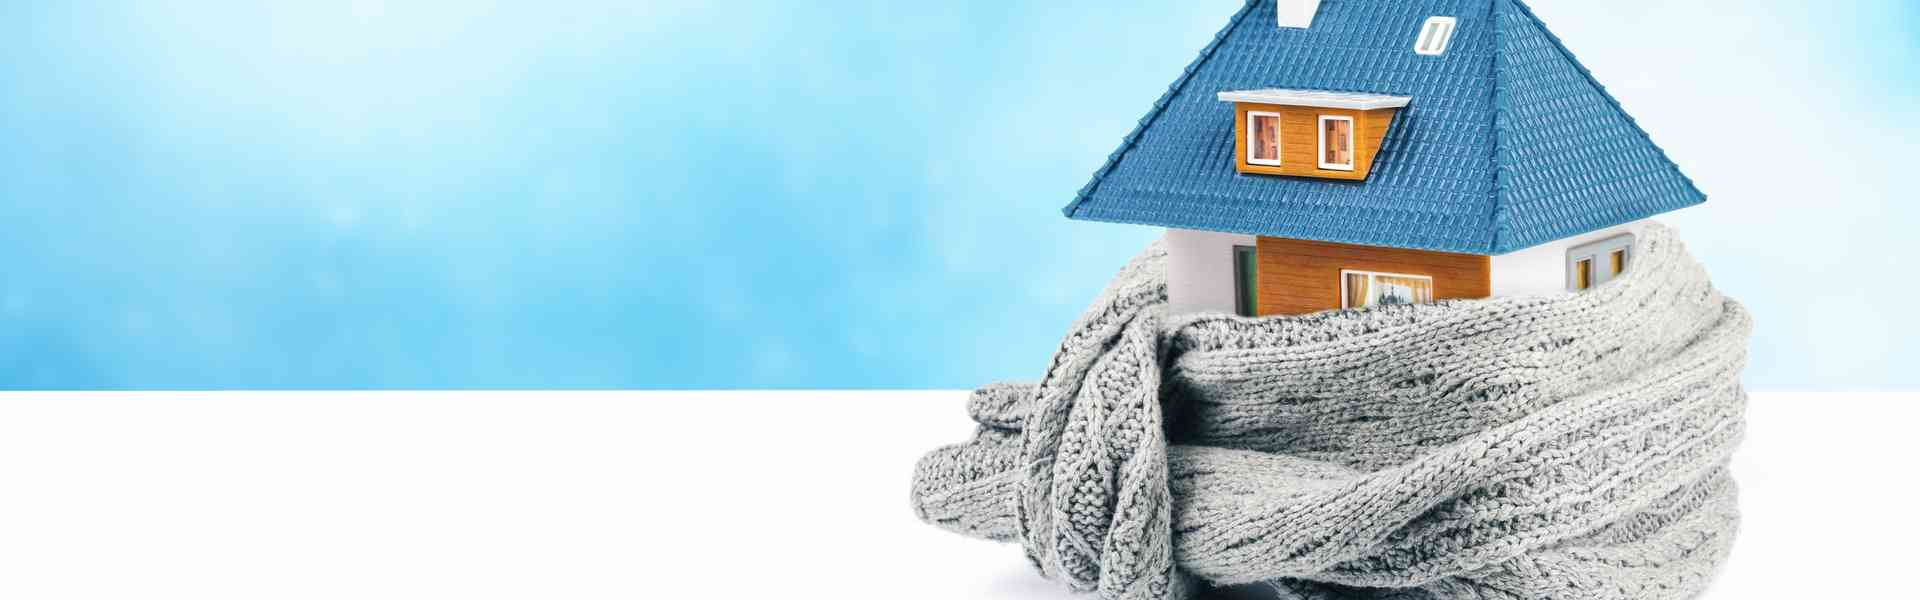 Θερμομόνωση Σπιτιού